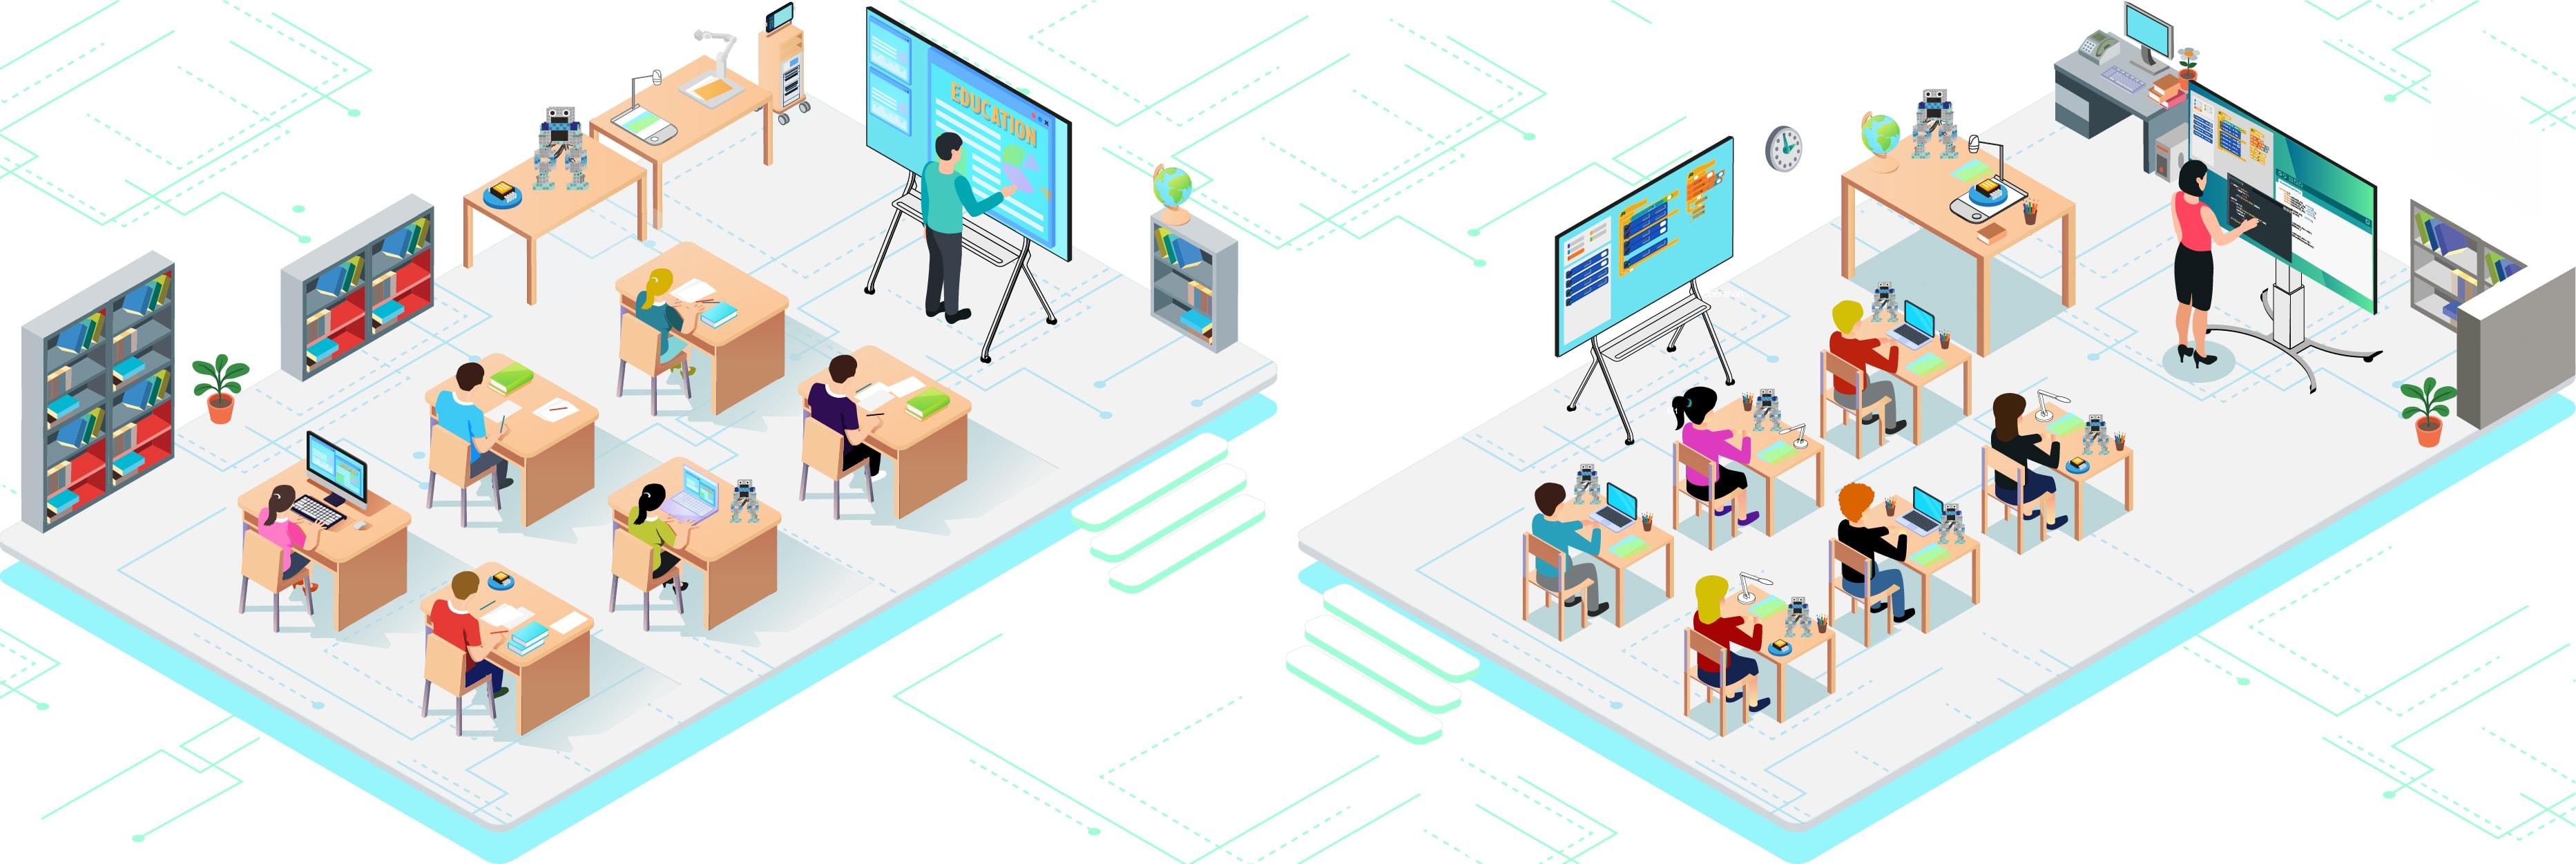 digitaliser l'école numérique